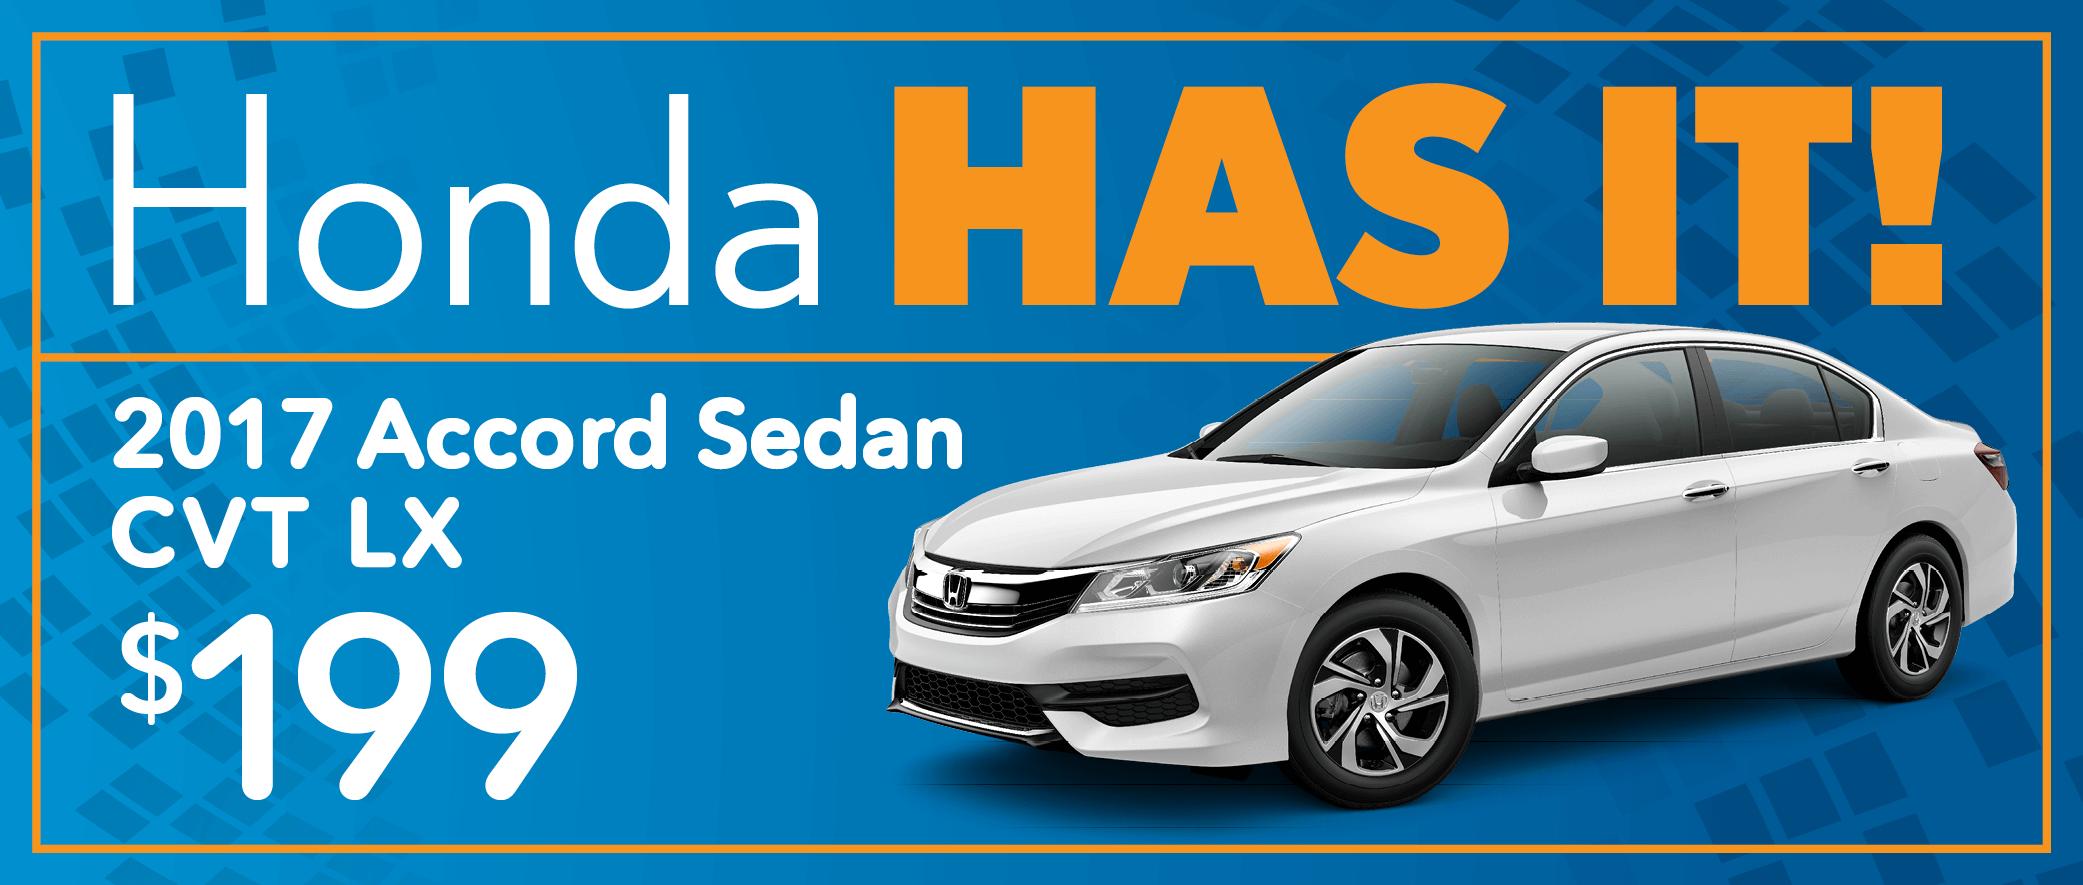 2017 Honda Accord Sedan CVT LX